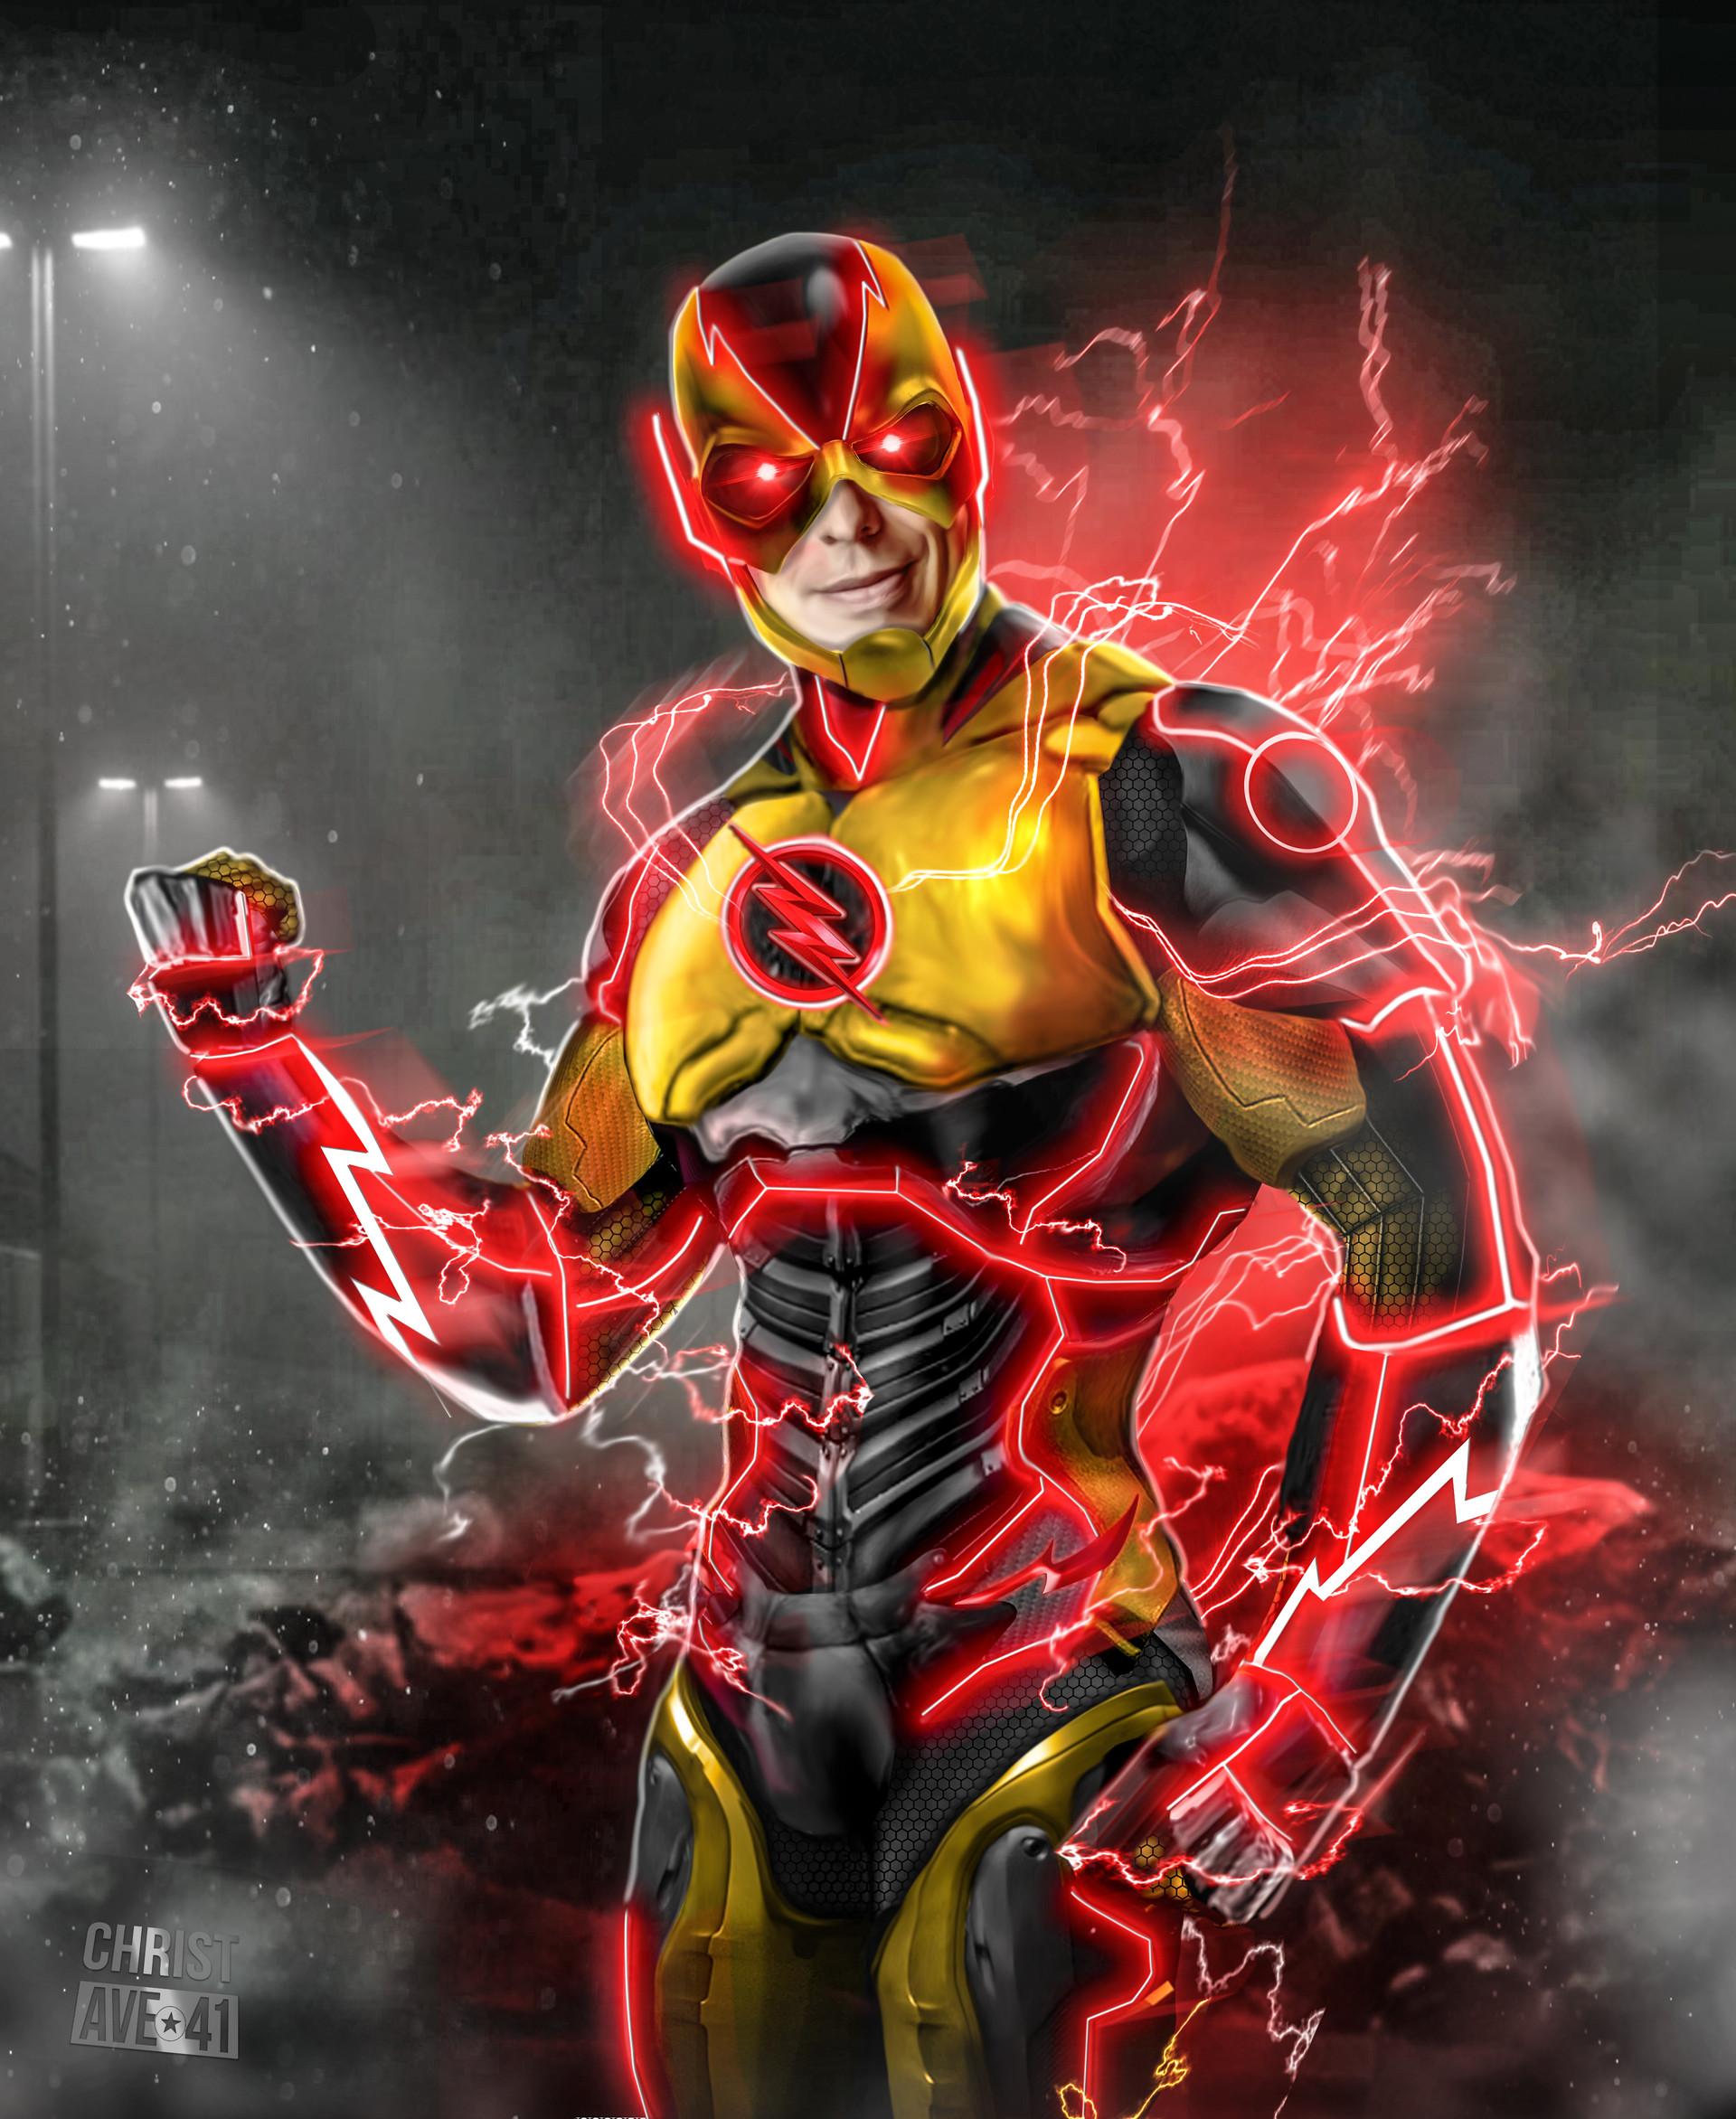 Dc Fan Art : Christ ave superhero marvel dc fan art by